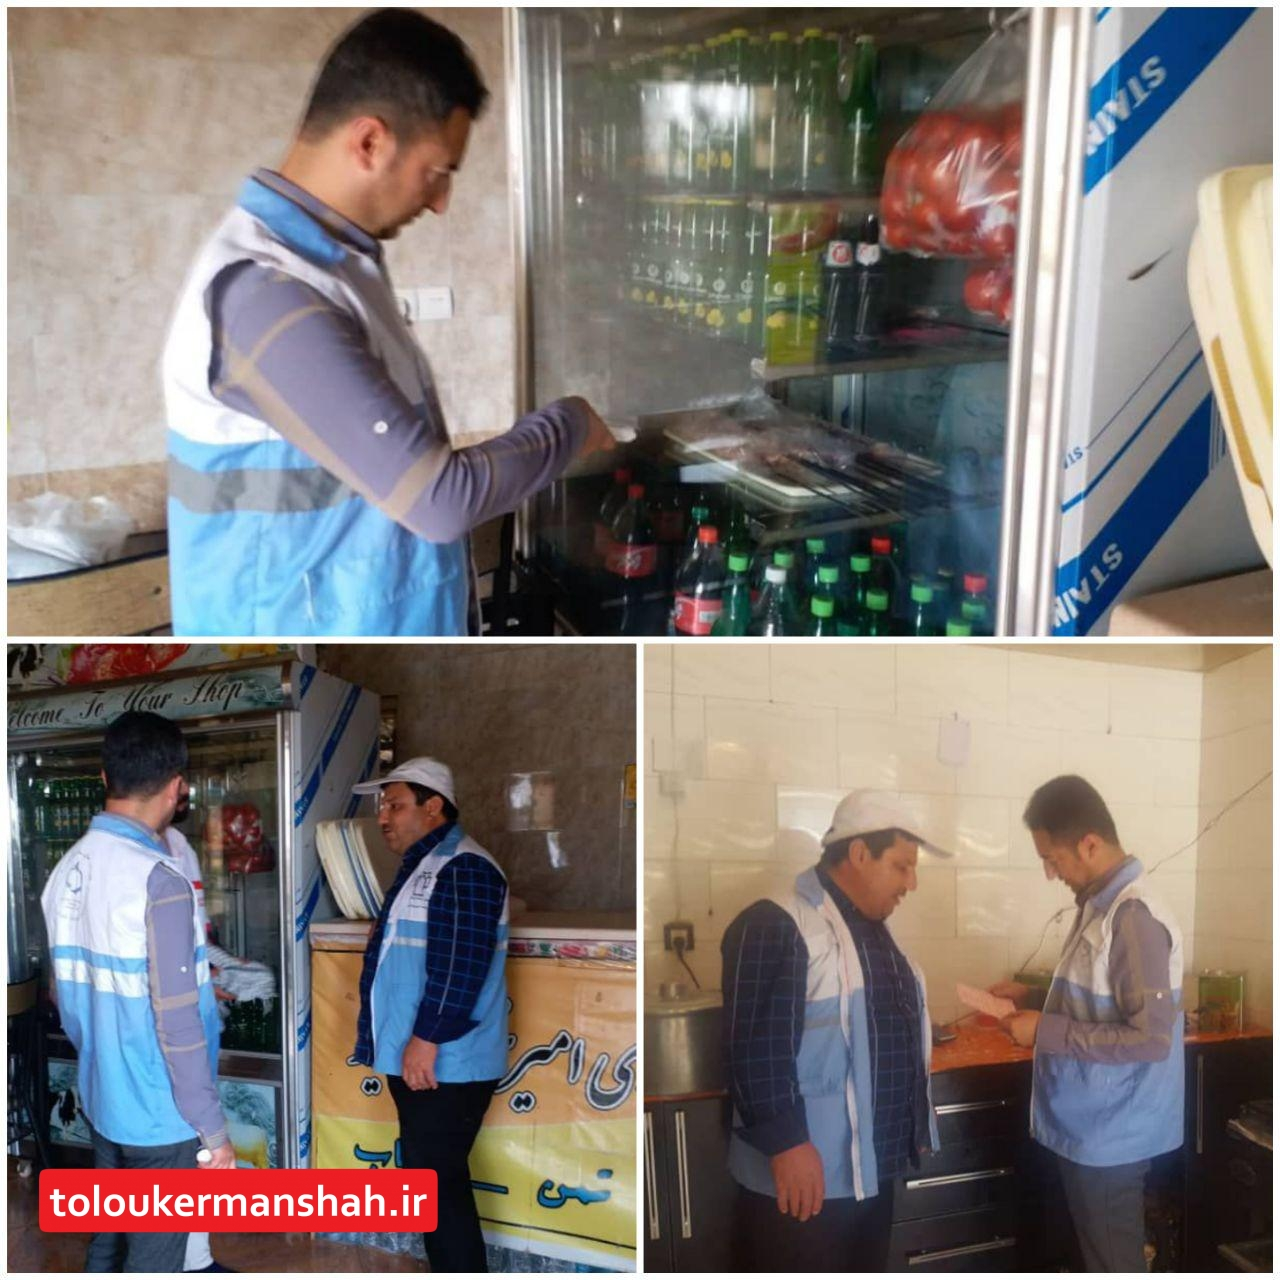 تشدید نظارت های بهداشتی محیط در برنامه اربعین حسینی(ع)